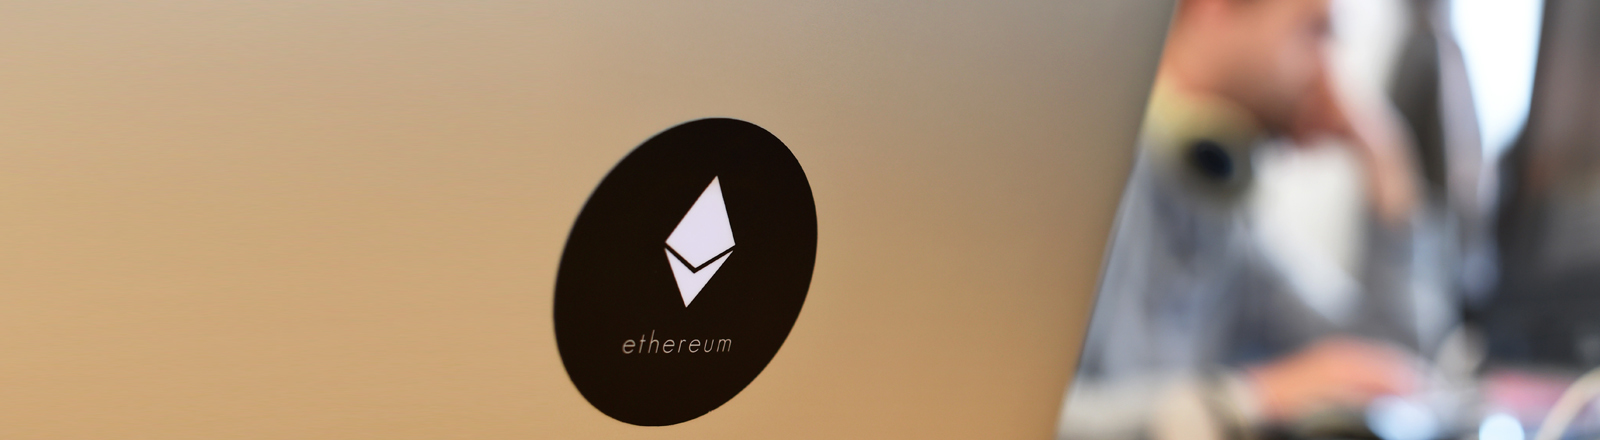 Aufgeklapptes Notebook mit Logo der Plattform Ethereum